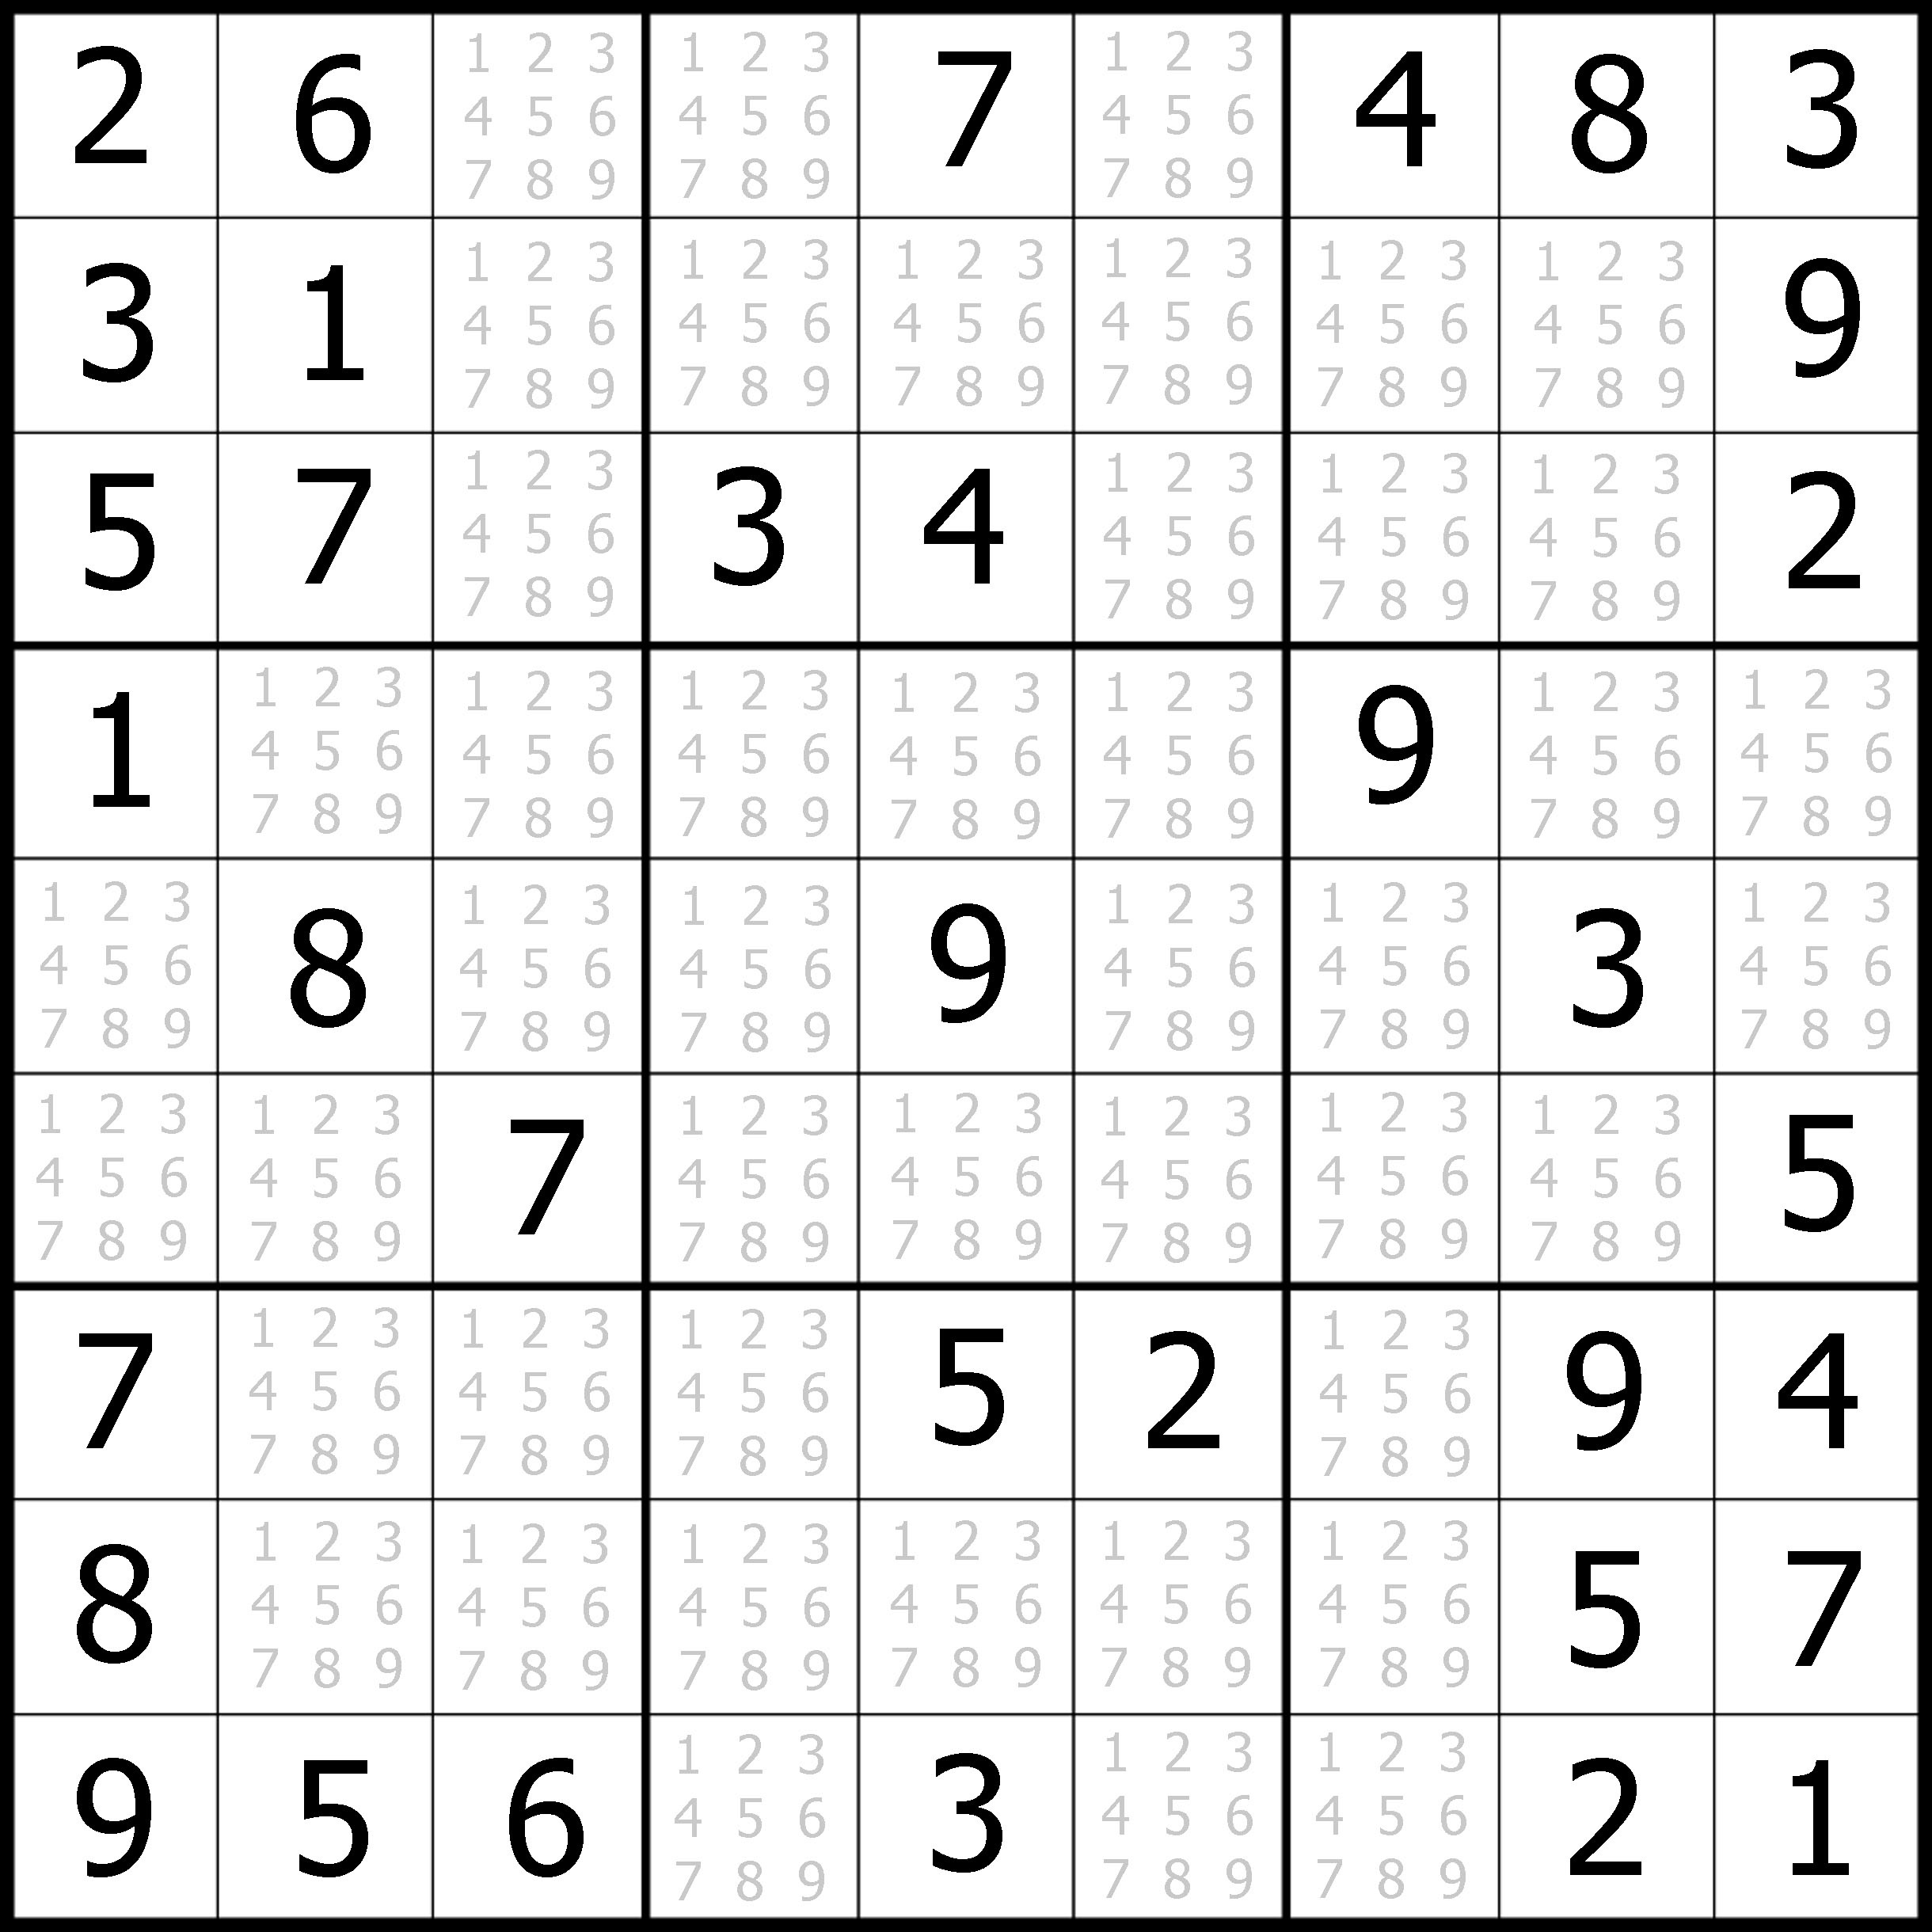 Simple Sudoku Puzzles Printable